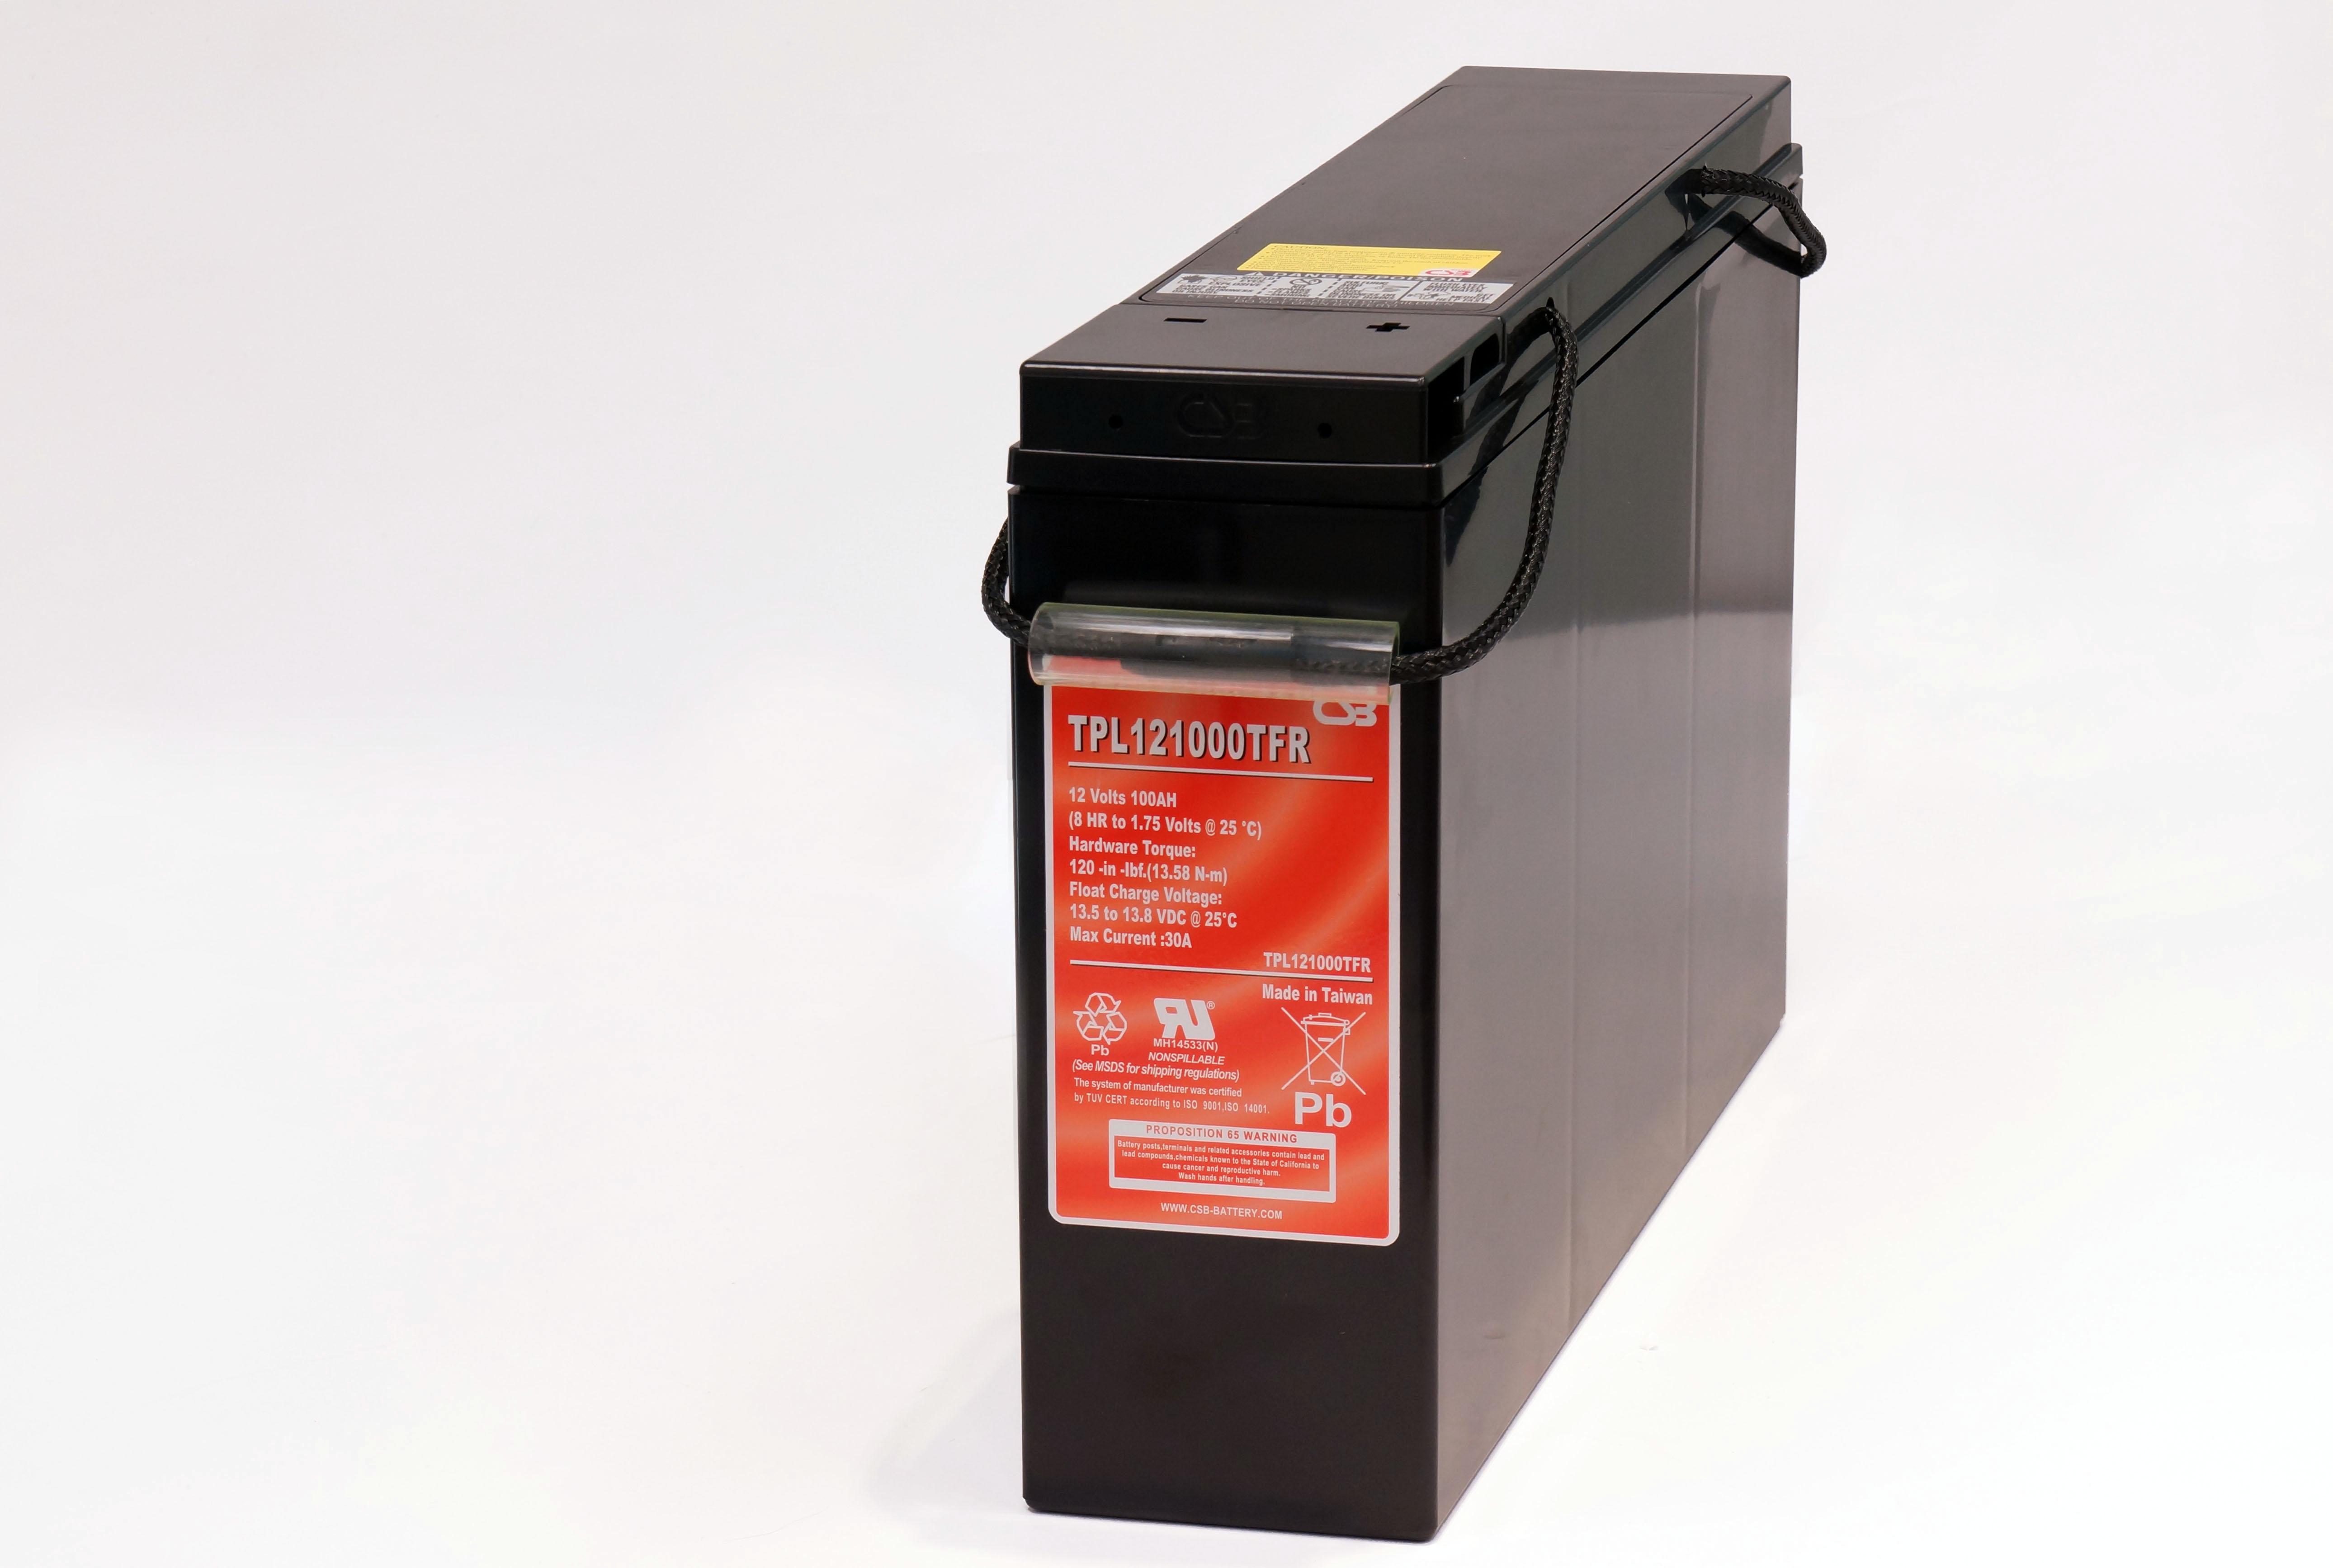 TPL121000T